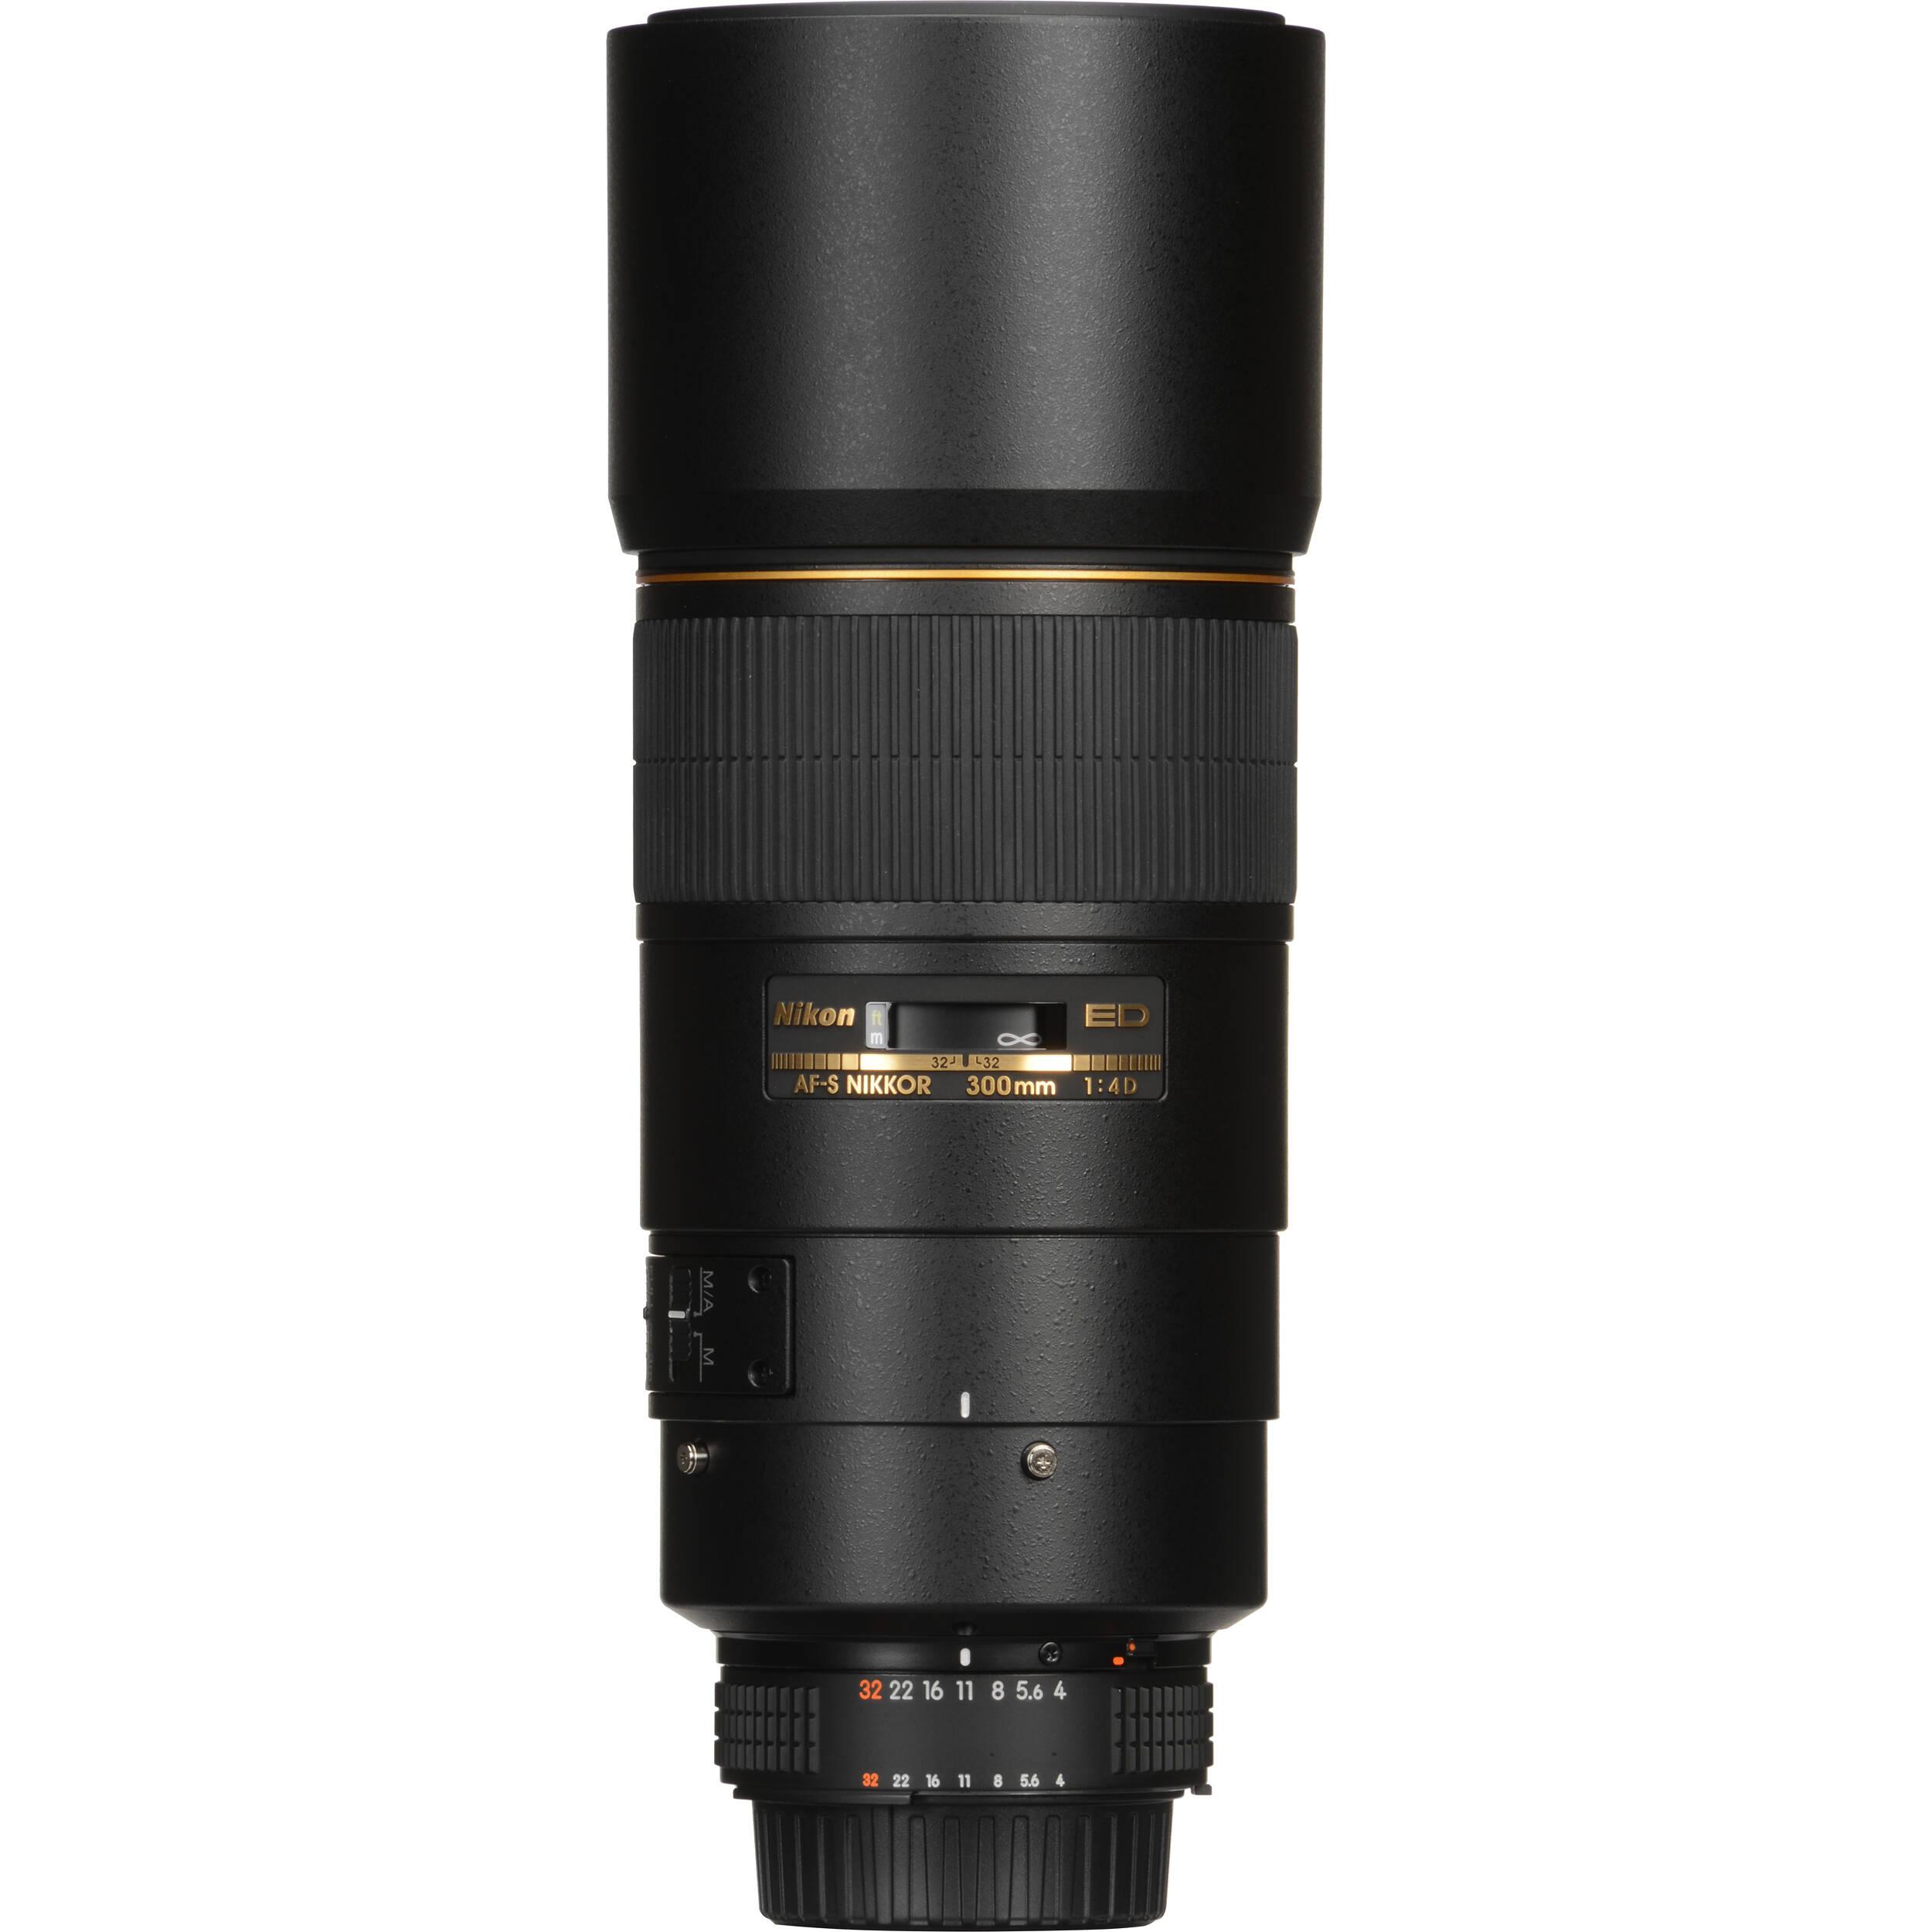 Nikon AF S NIKKOR 300mm f 4D IF ED Lens